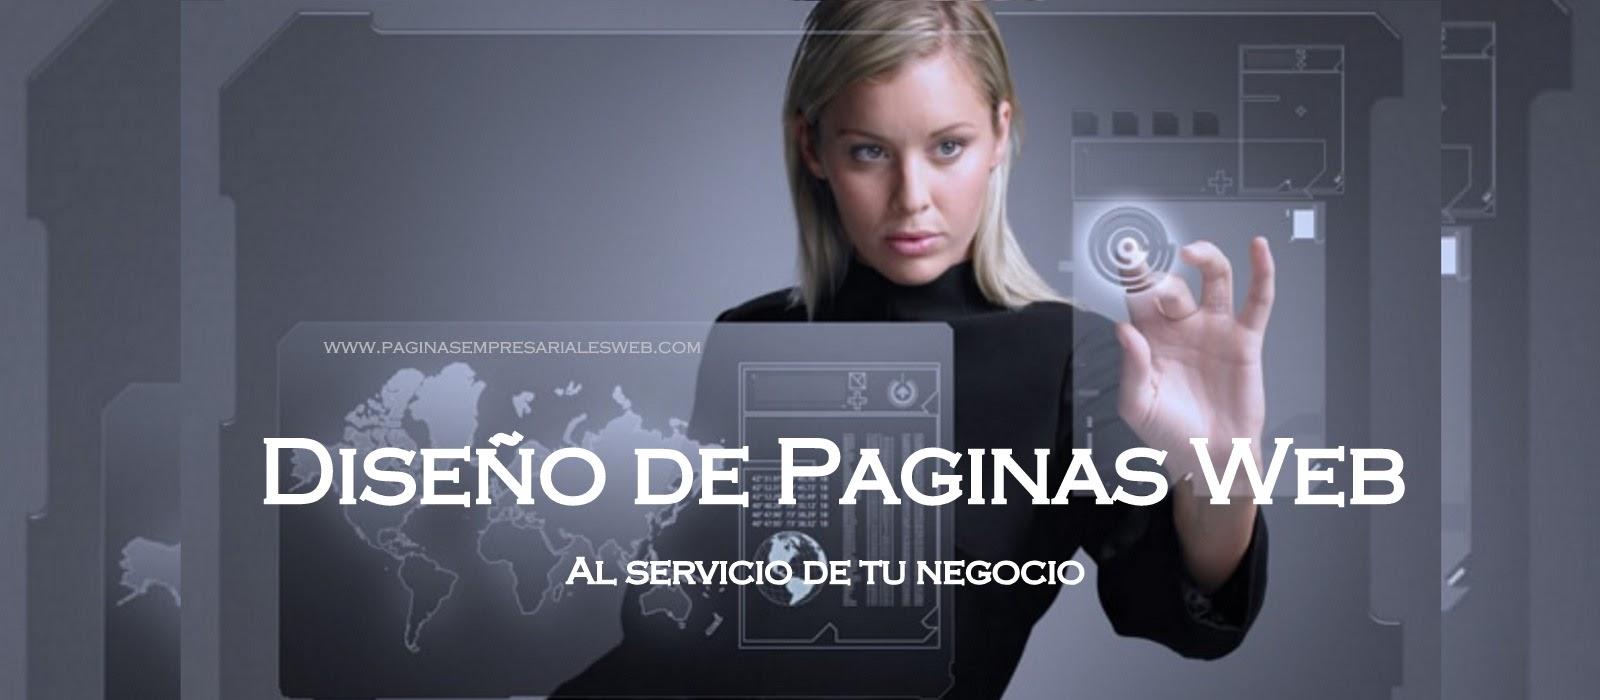 http://www.paginasempresarialesweb.com/